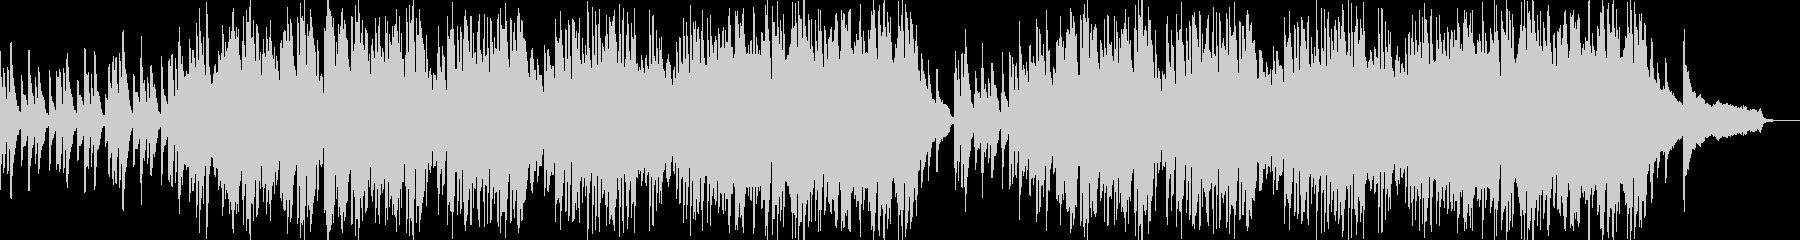 ポップなピアノ曲の未再生の波形